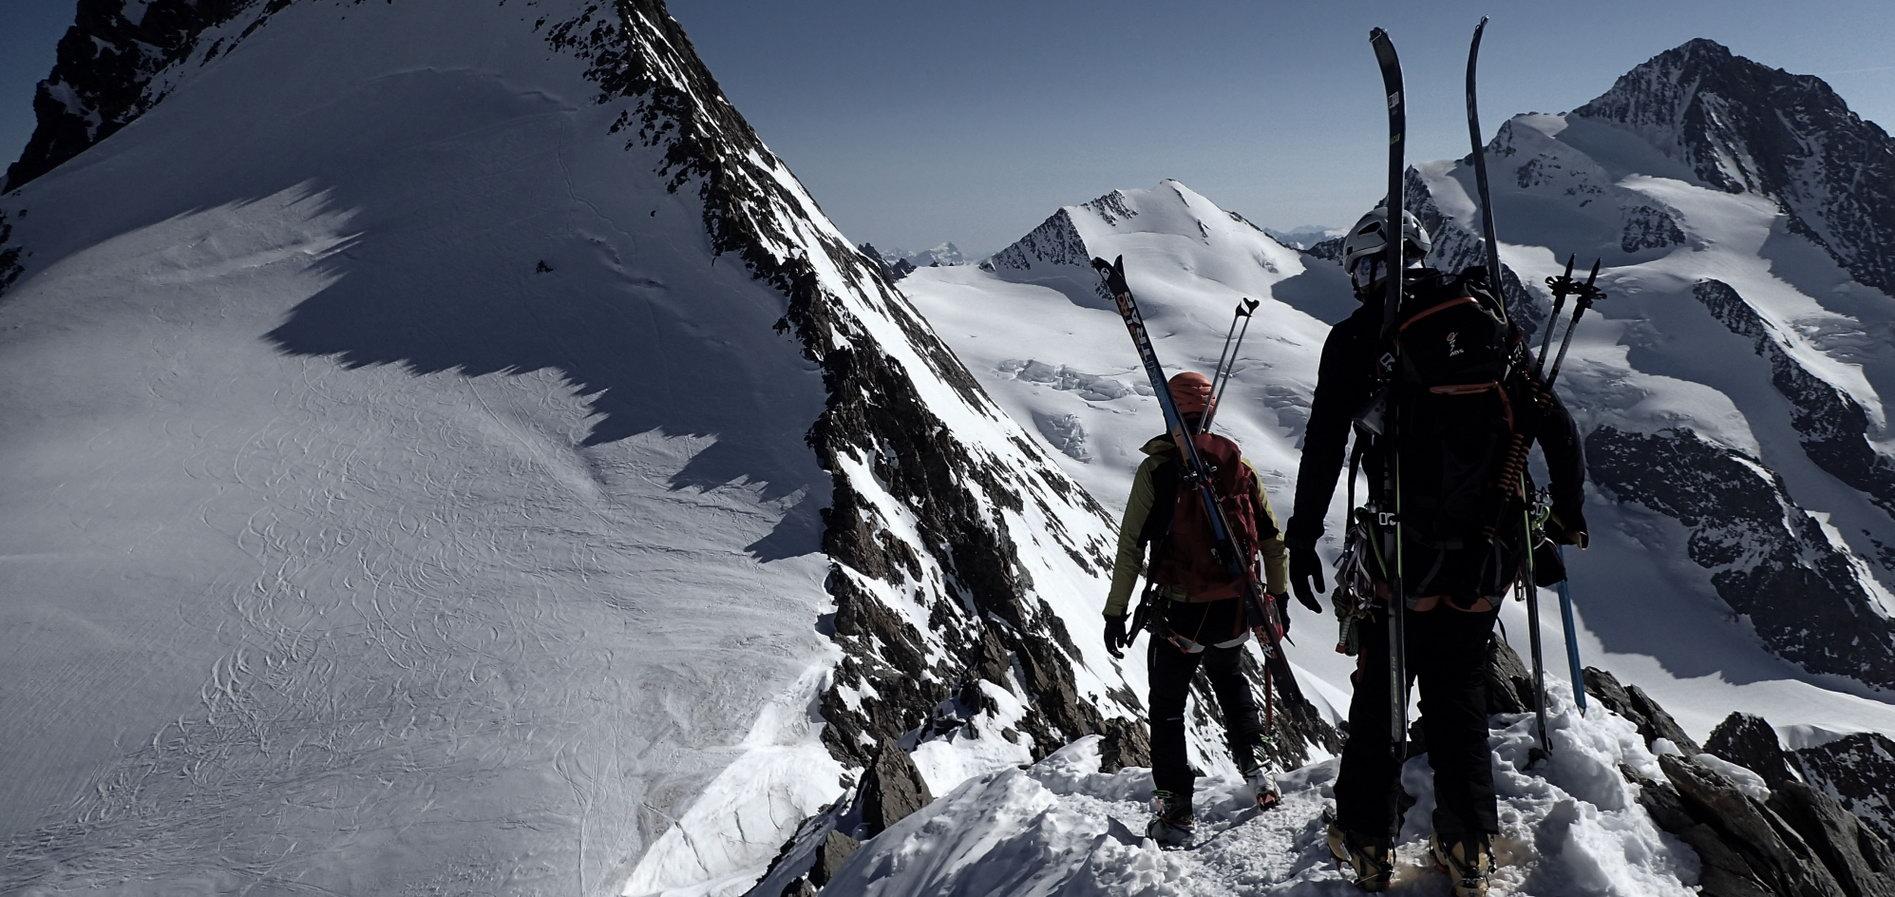 Okrywaj góry zimą na nartach KURSY SKITUROWE